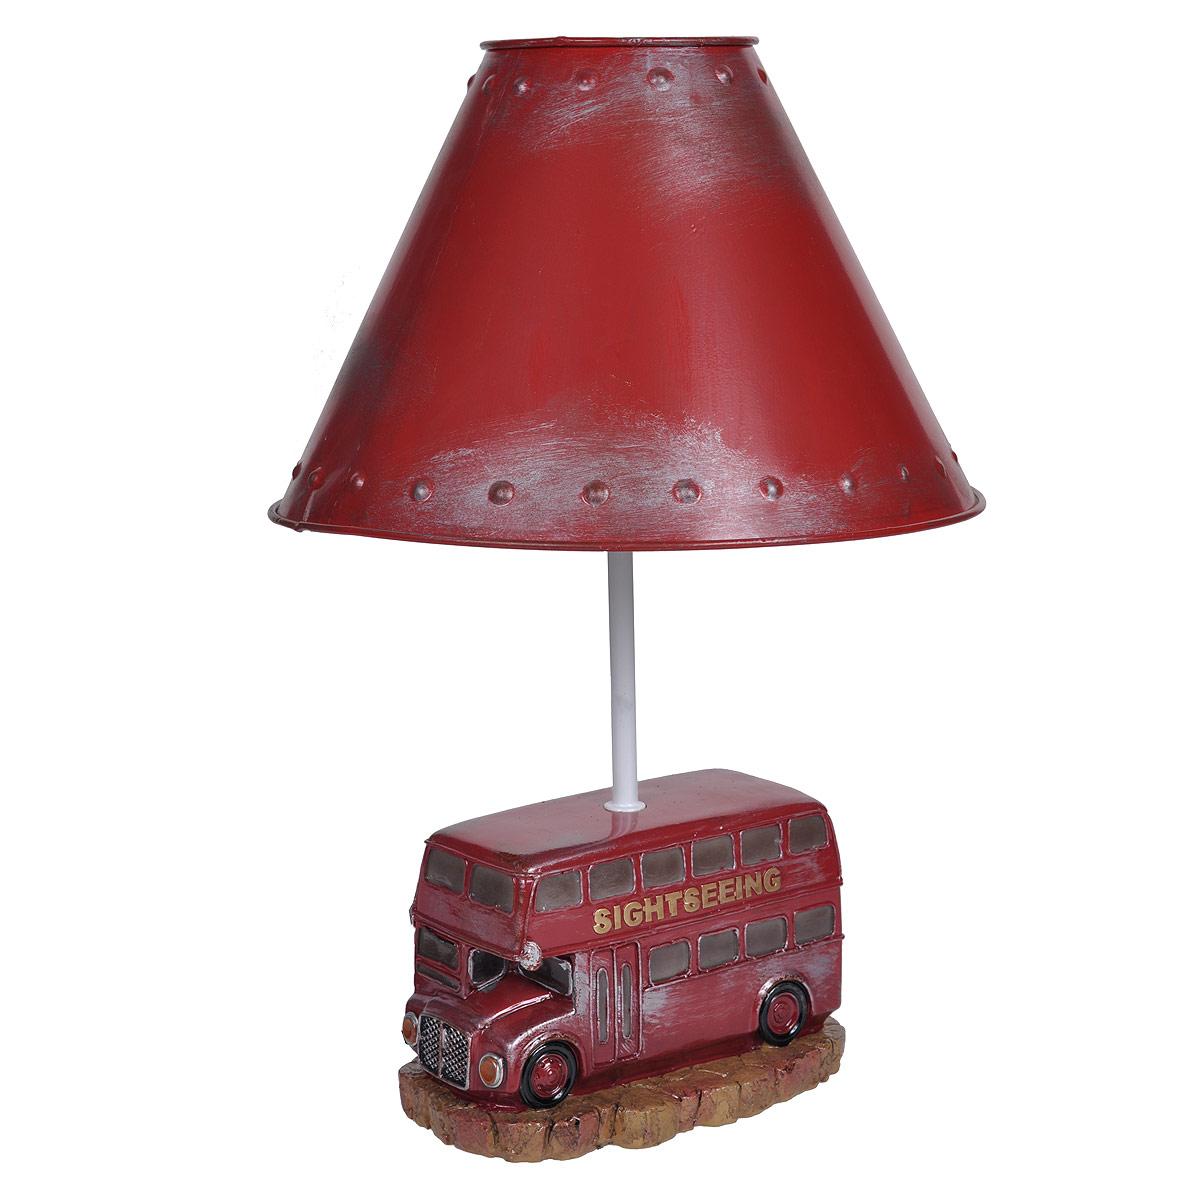 Светильник настольный Красный автобус. 2933929339Настольный светильник, изготовленный из полирезины, выполнен в виде двухэтажного красного автобуса и оформлен металлическим абажуром красного цвета. Такой светильник прекрасно подойдет для украшения интерьера и создания атмосферы тепла и уюта. Внутри светильника расположена лампа накаливания. Светильник работает от электросети и включается при помощи кнопки на шнуре.